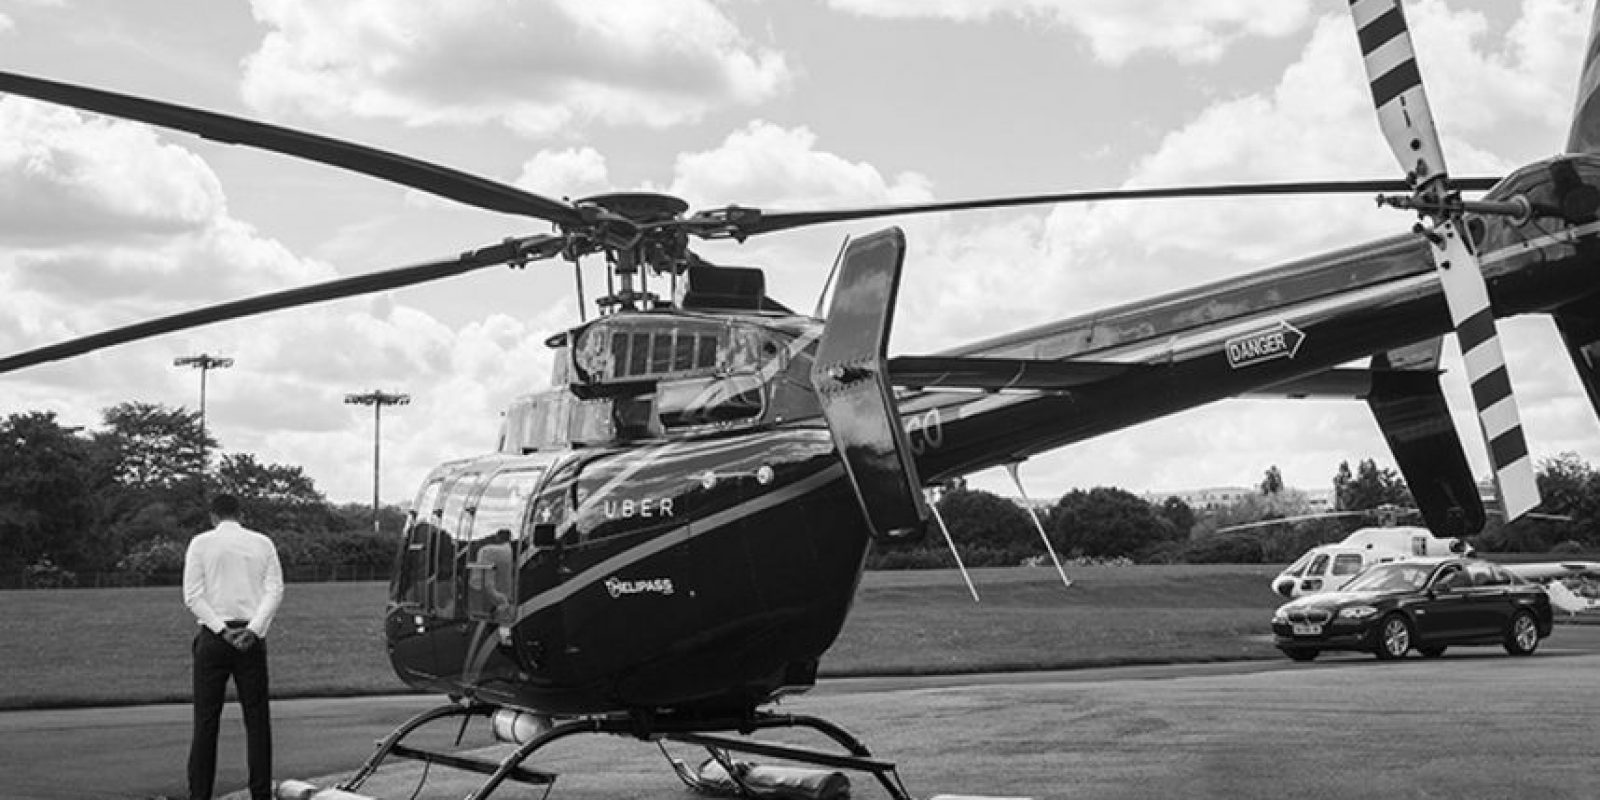 Durante la pasada edición del Festival de Cine de Cannes, Uber ofreció viajes en helicóptero. Foto:Uber